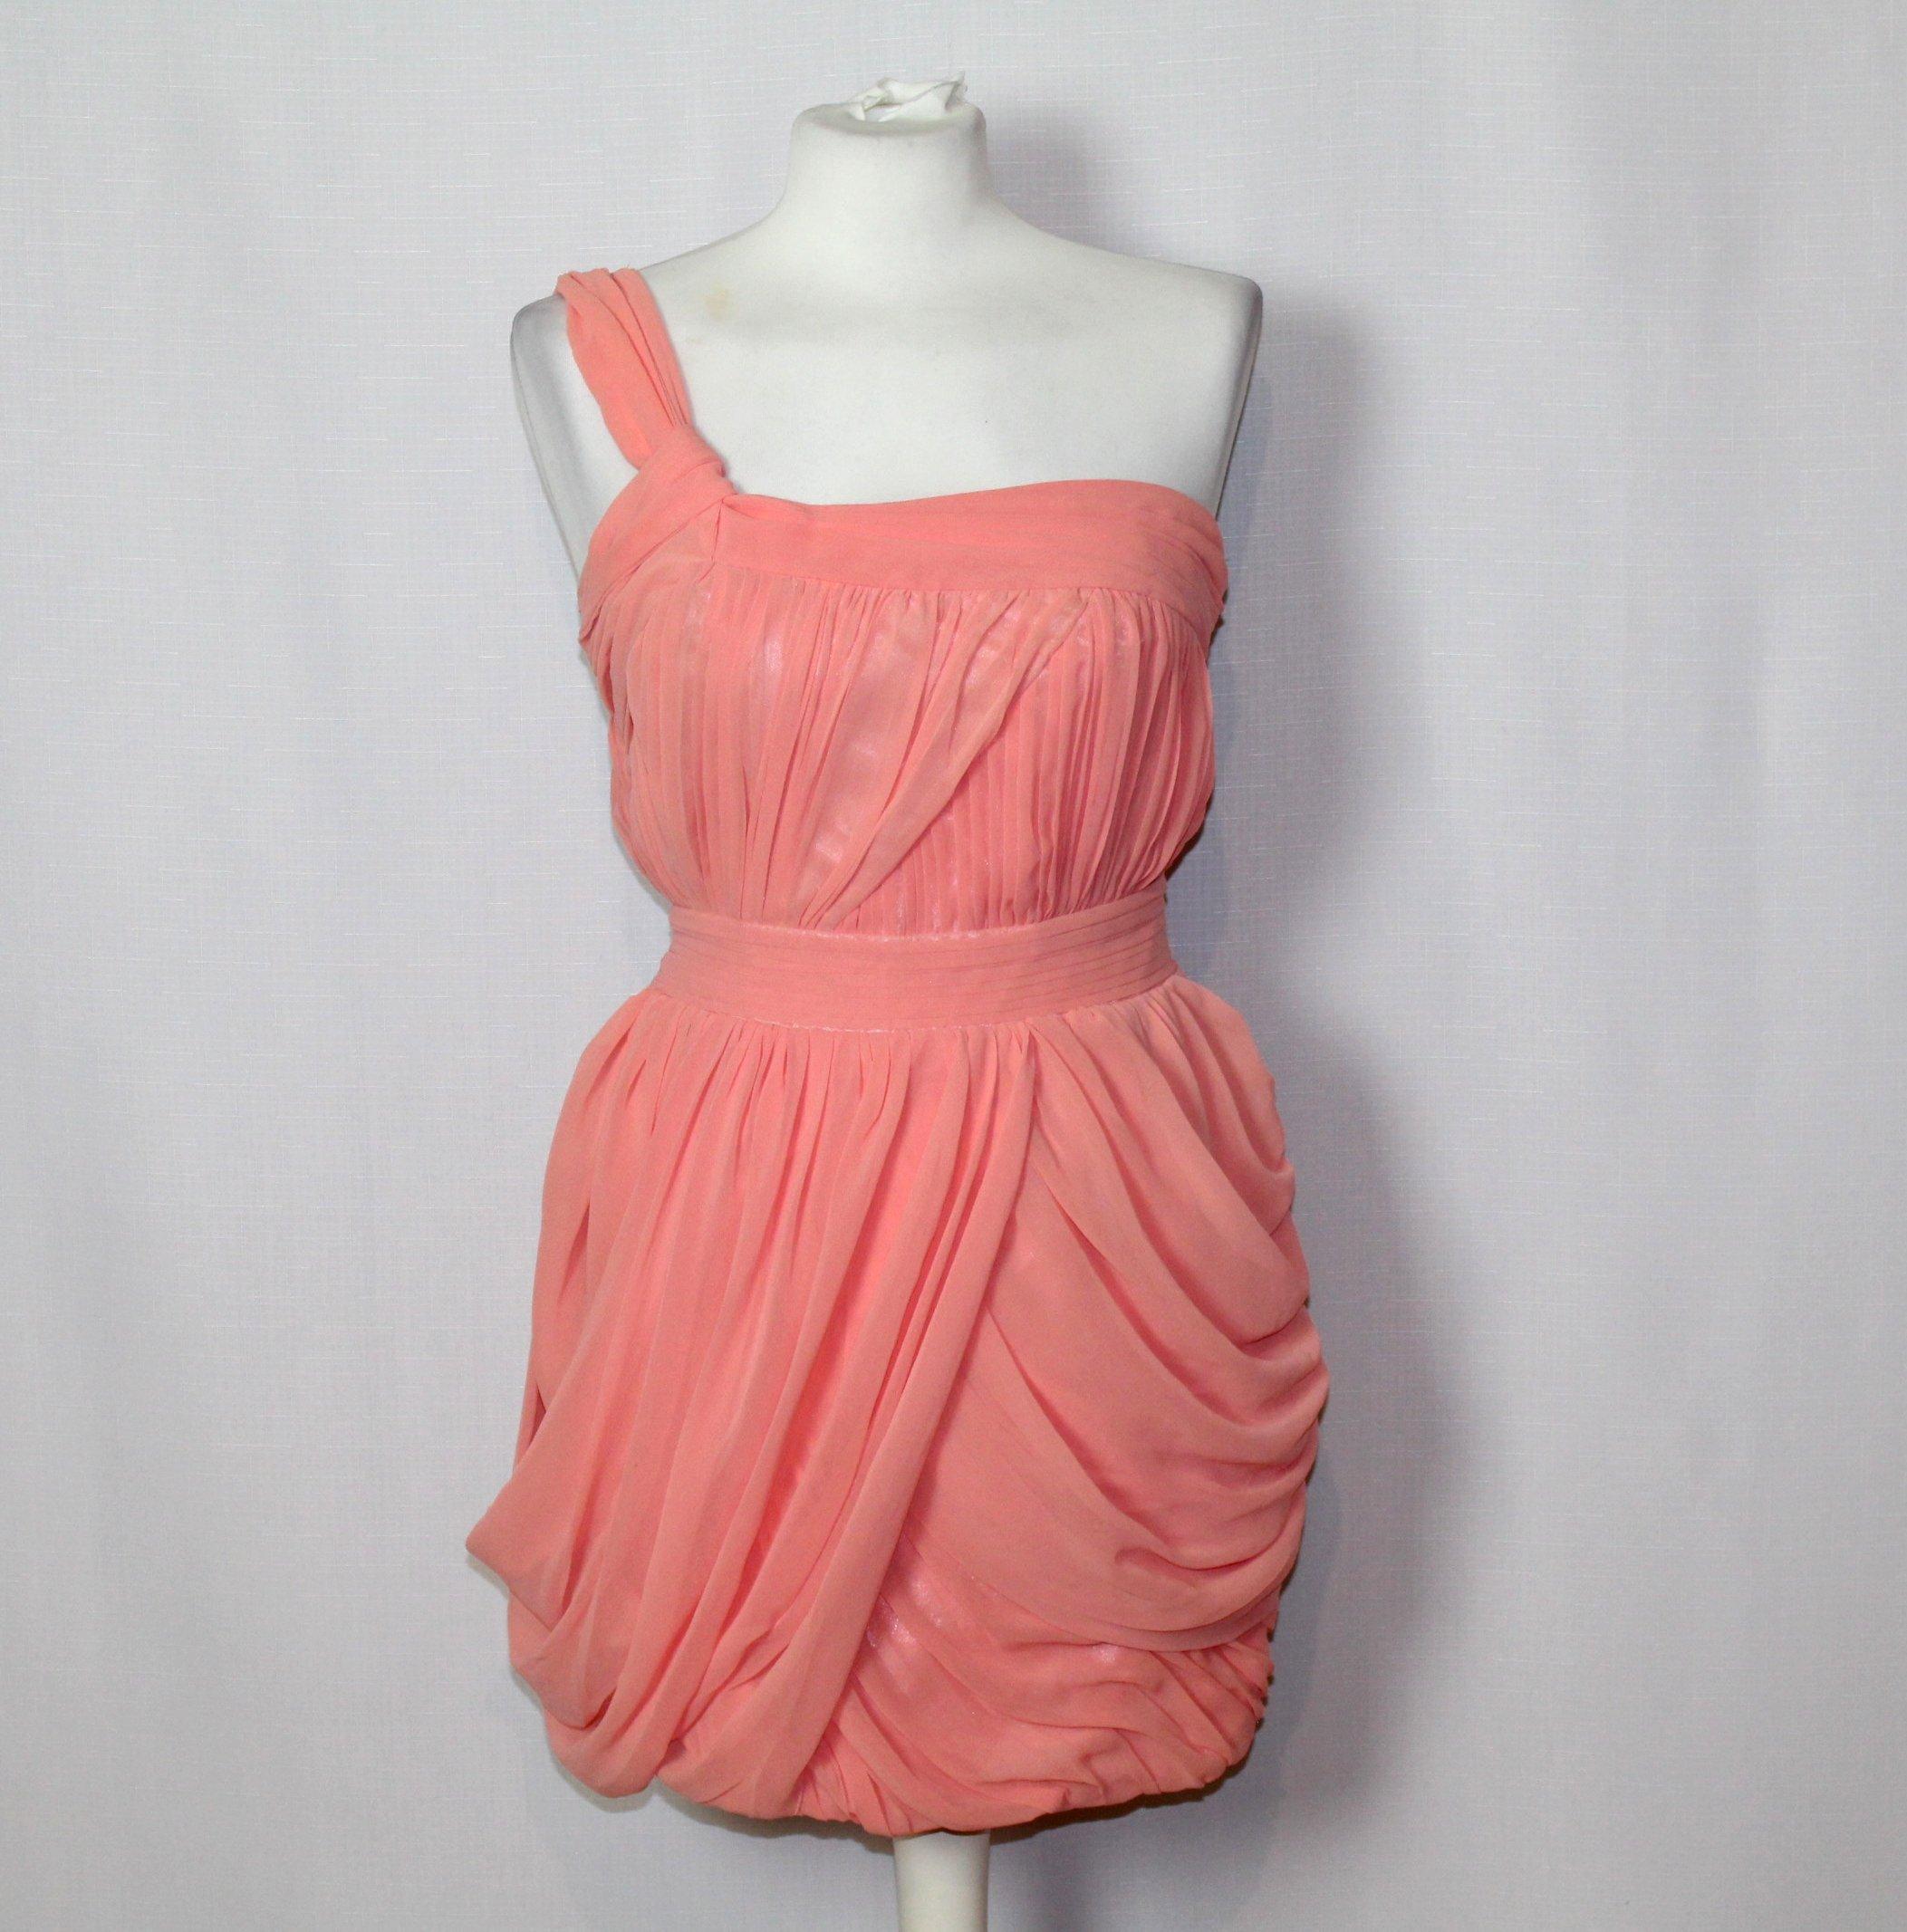 52bf830c19 Łososiowa sukienka szyfonowa LIPSY 36 S 8 - 7131285629 - oficjalne ...